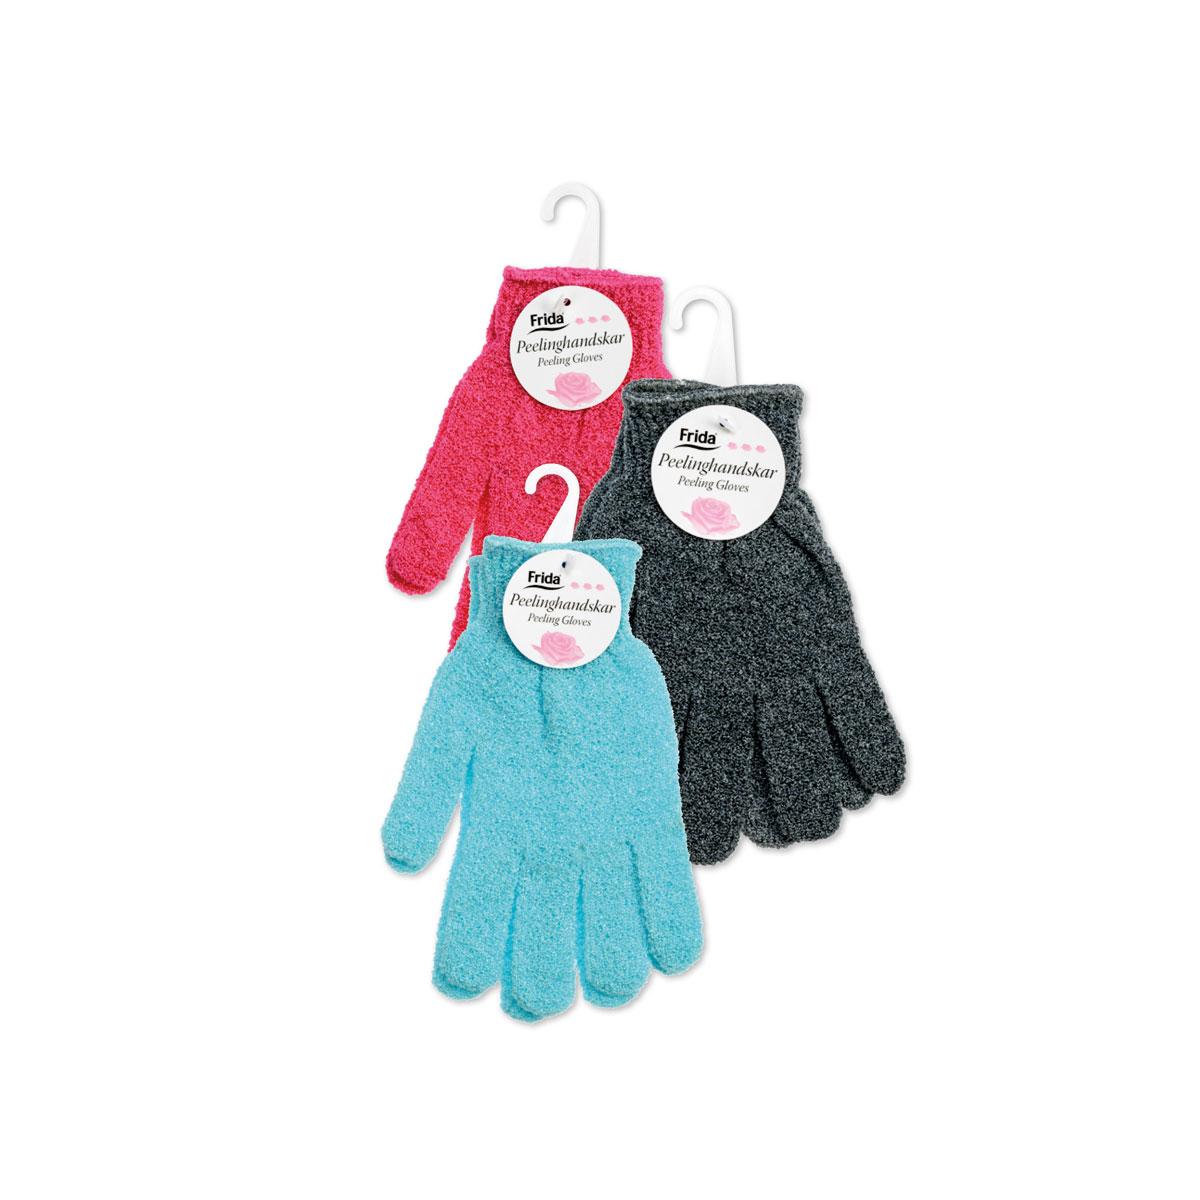 Peelinghandskar från Frida SPA